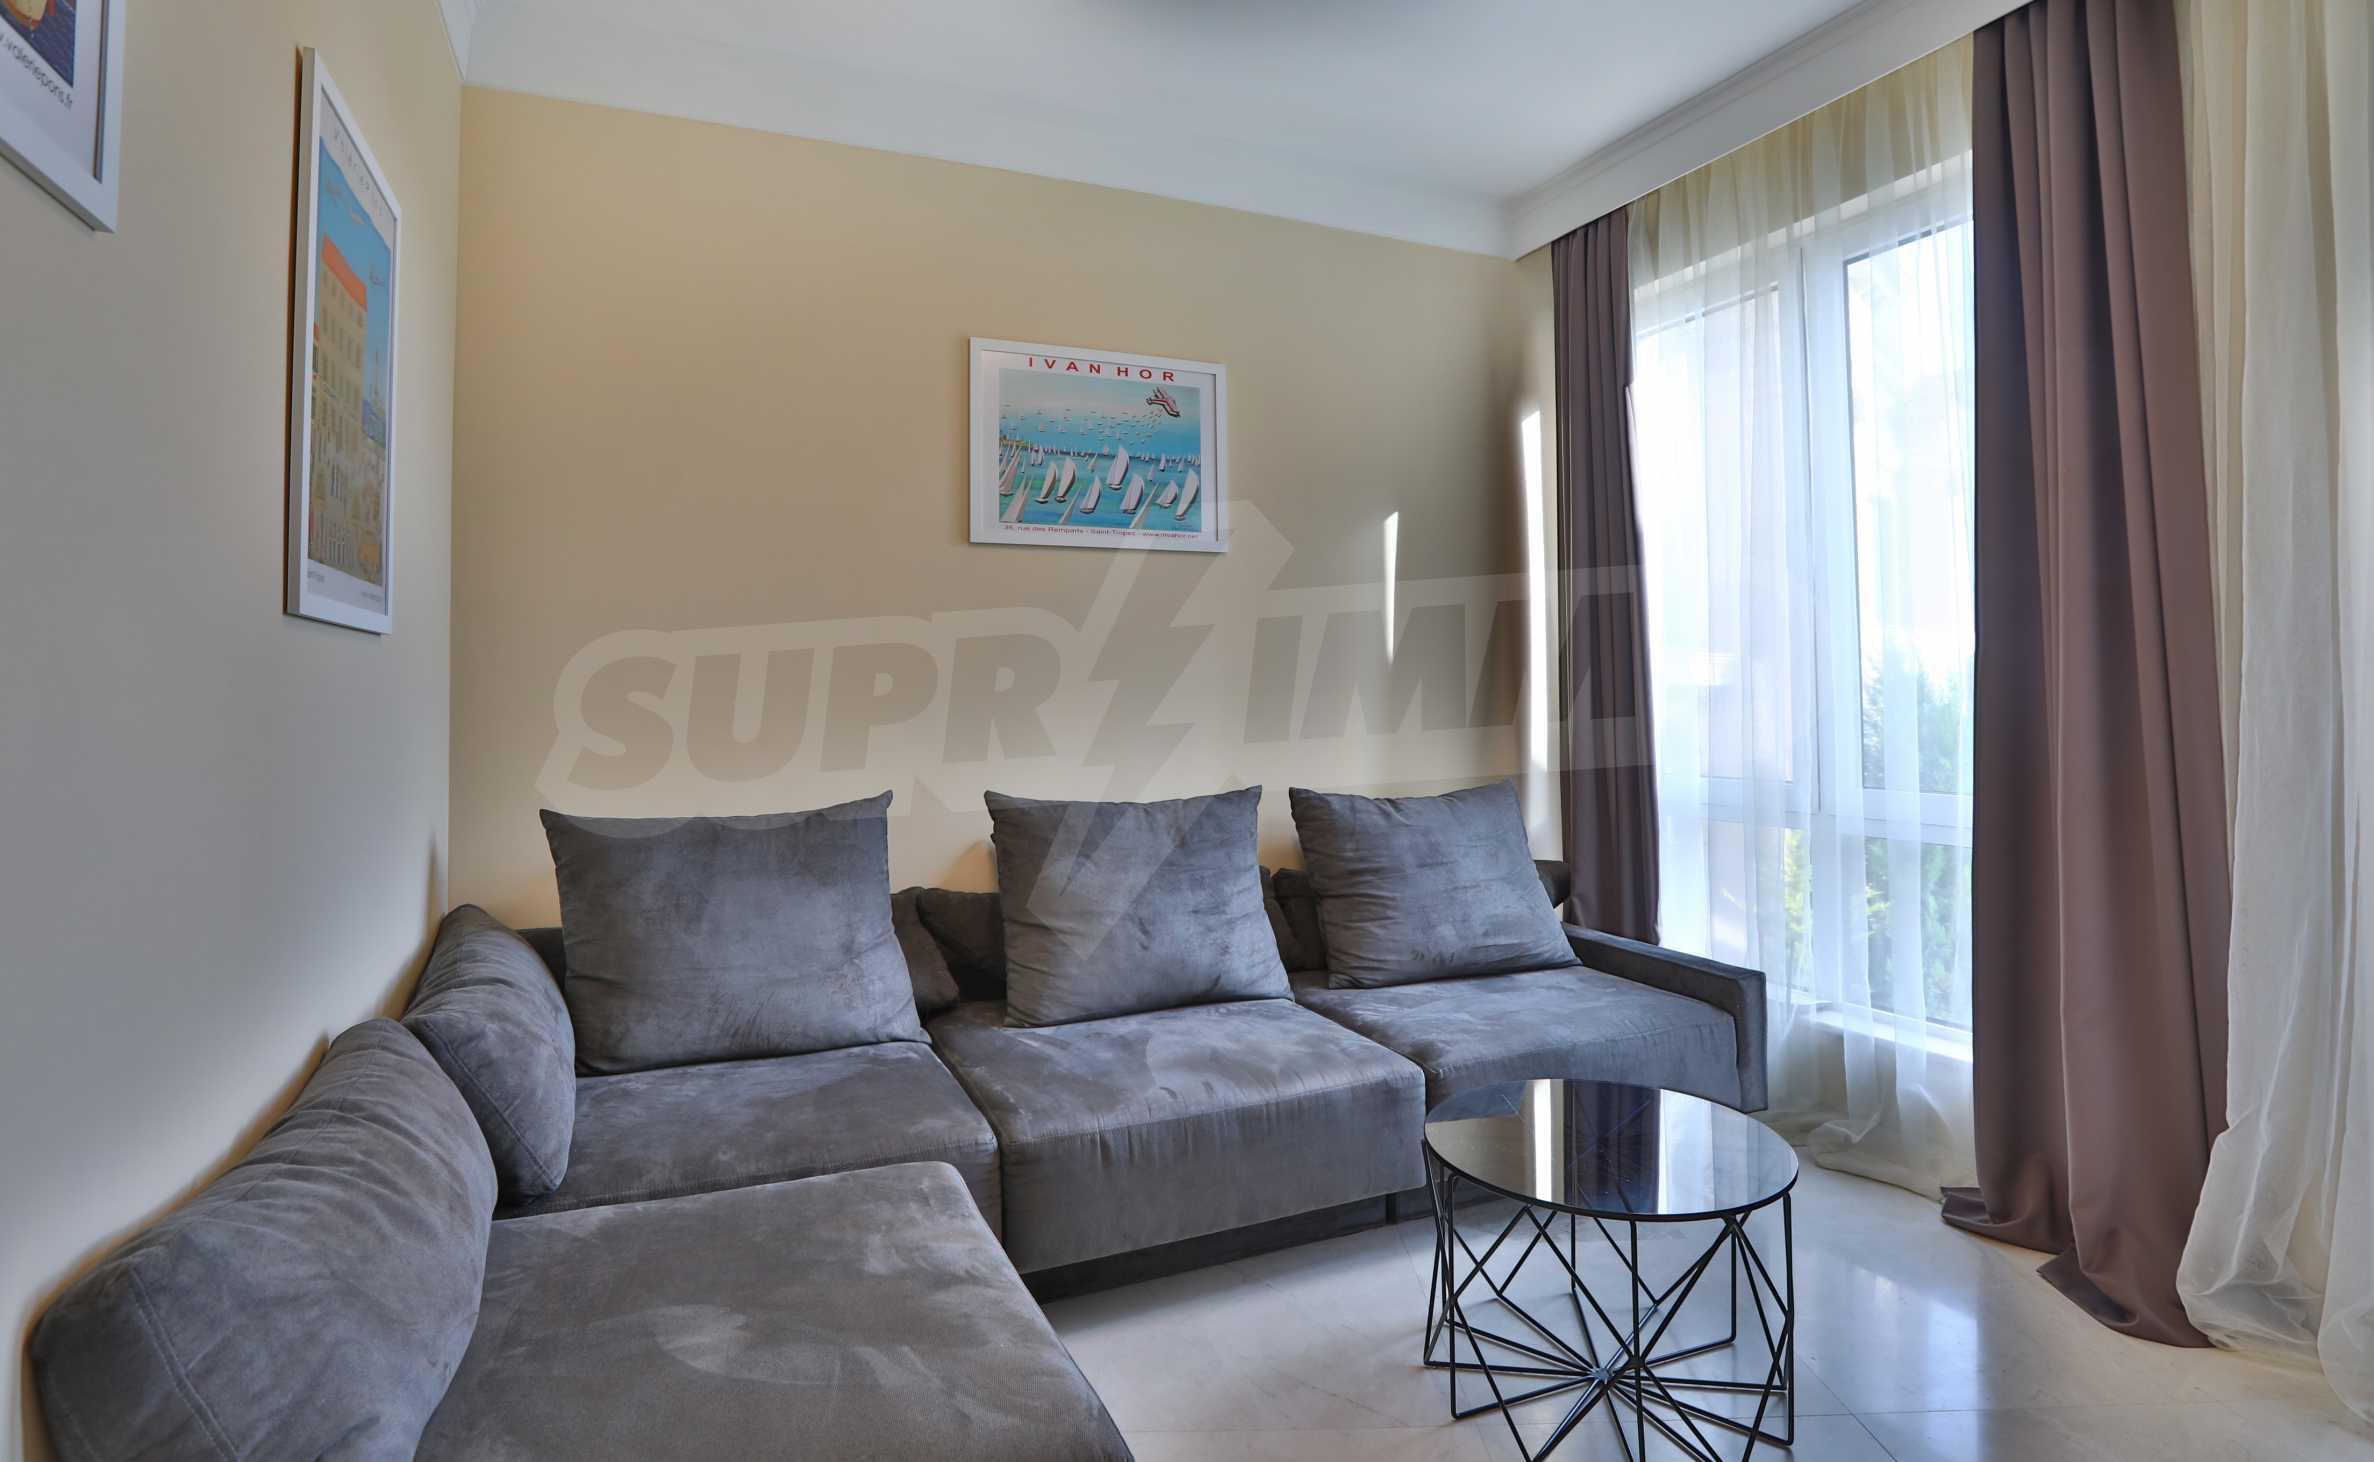 Дизайнерски апартамент с 2 спални в луксозната морска резиденция Belle Époque в Лозенец 4